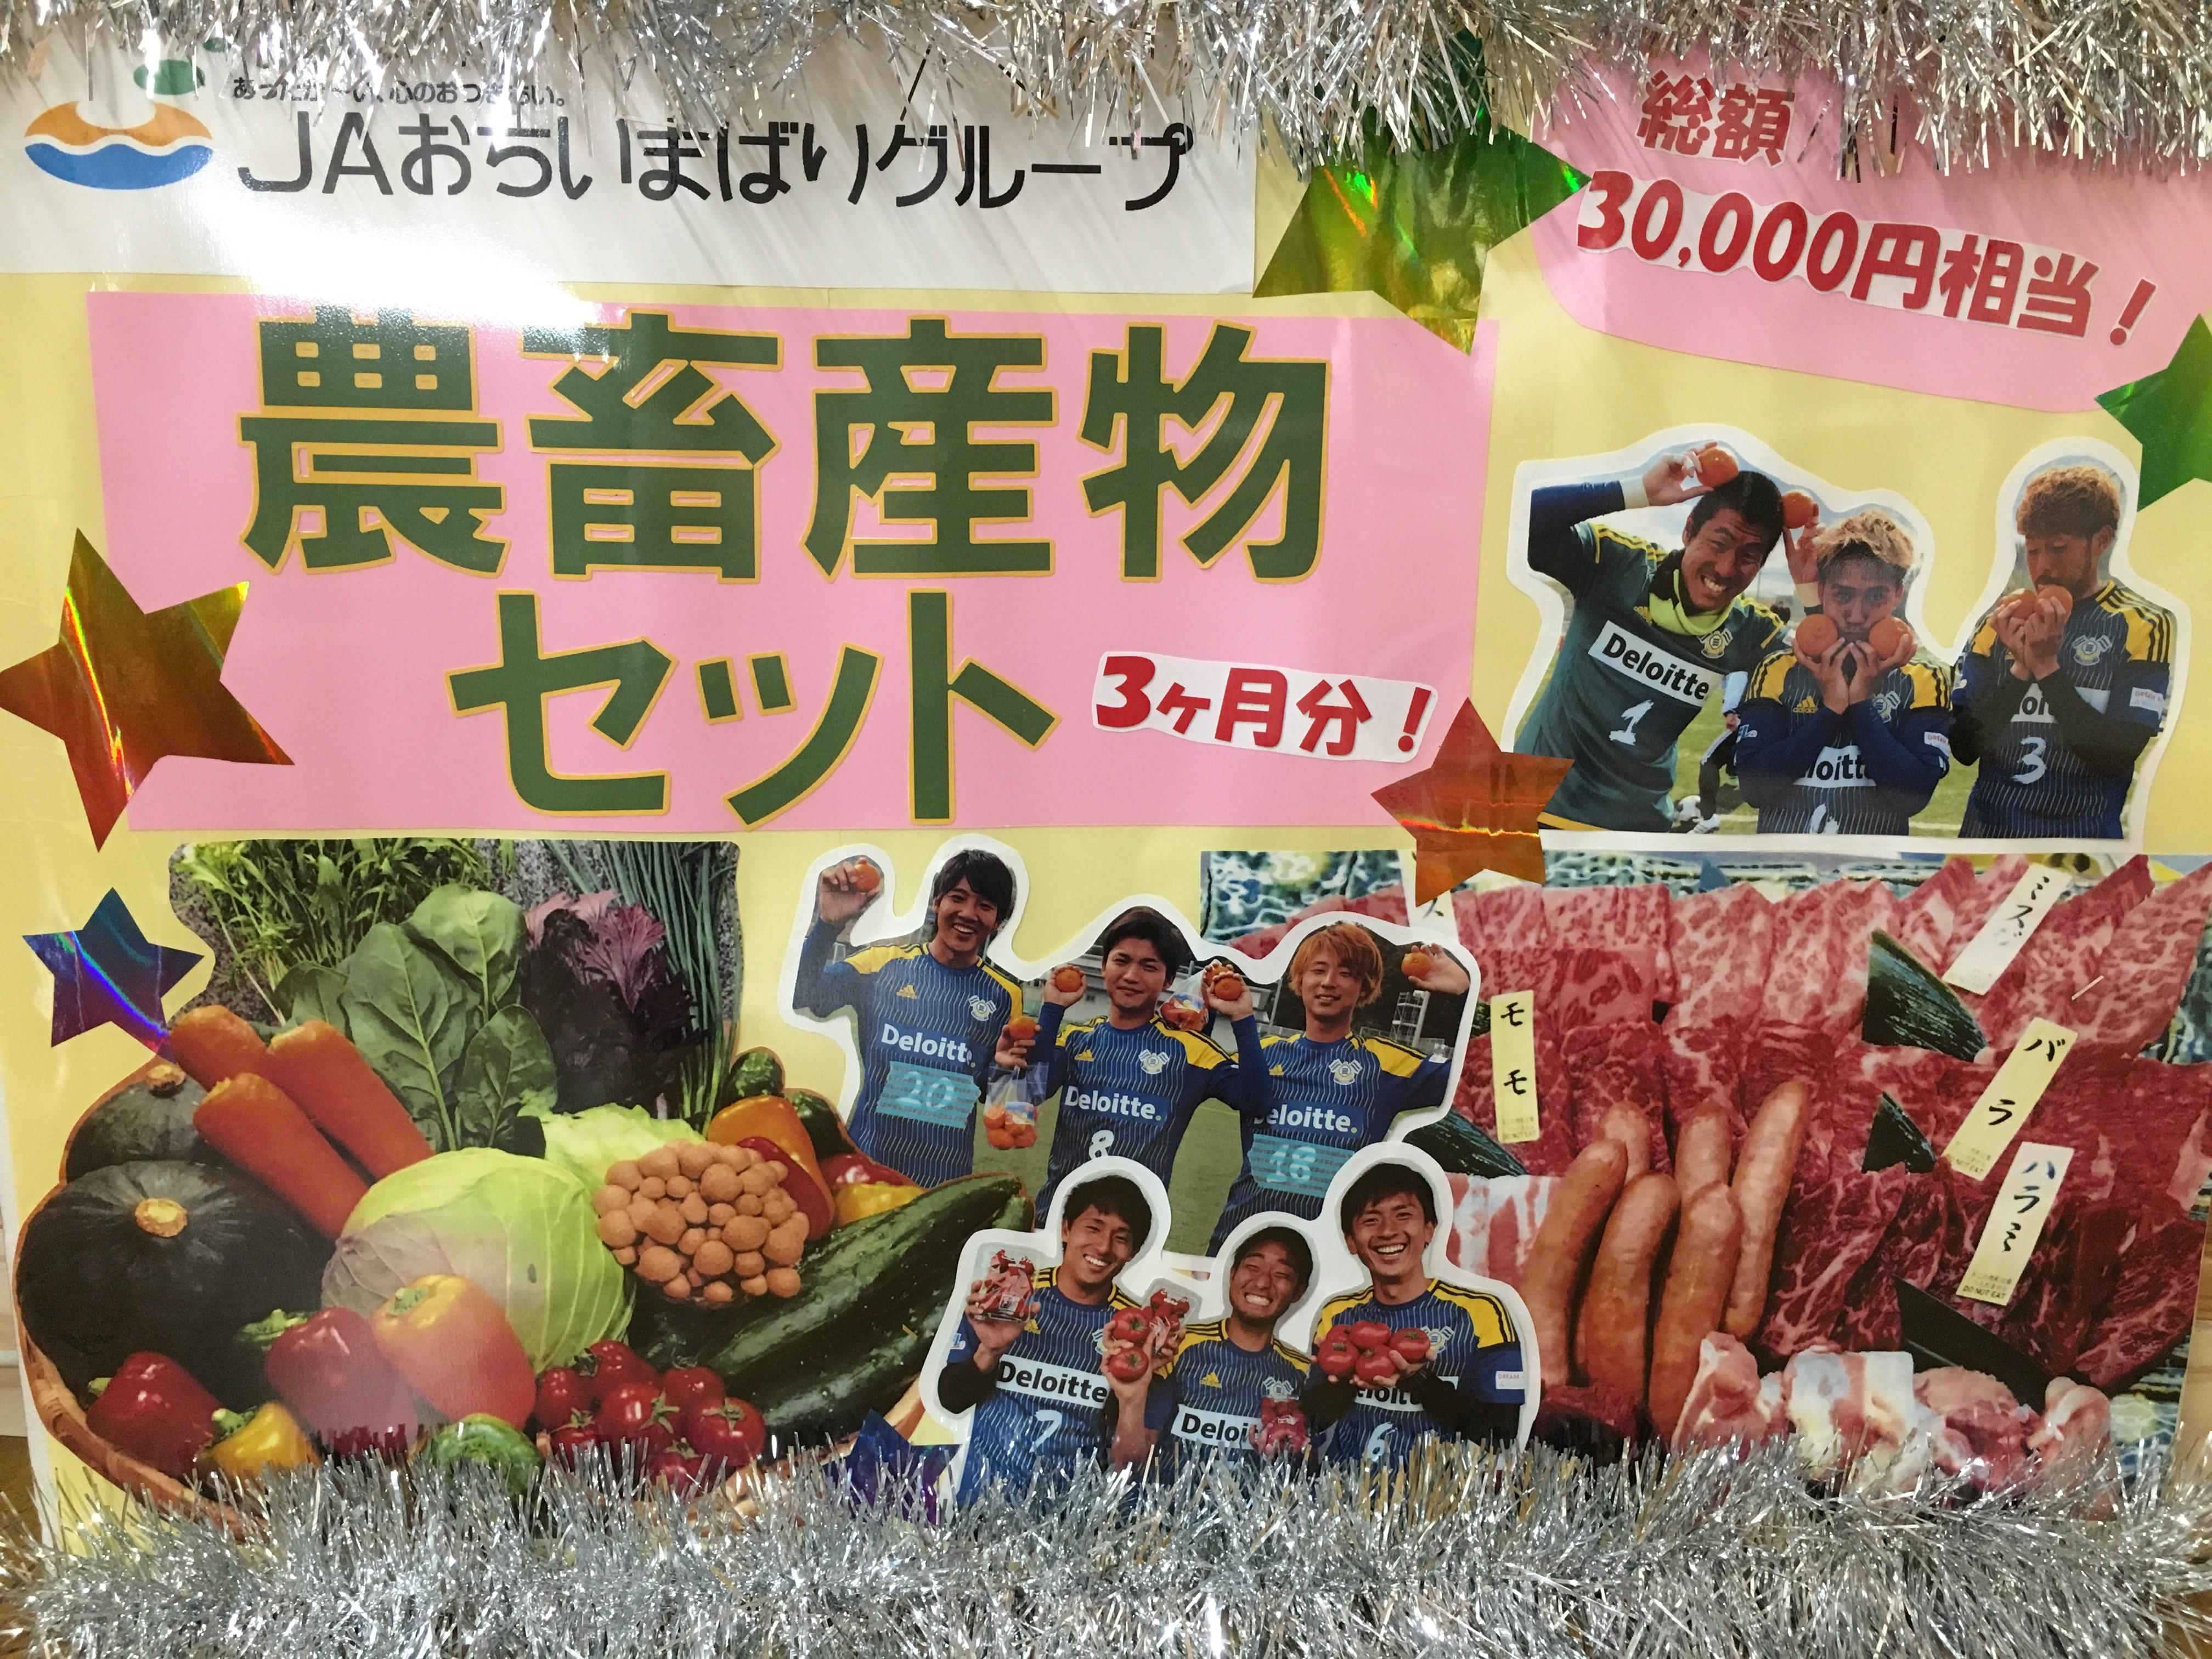 JAおちいまばり_農産物.jpg